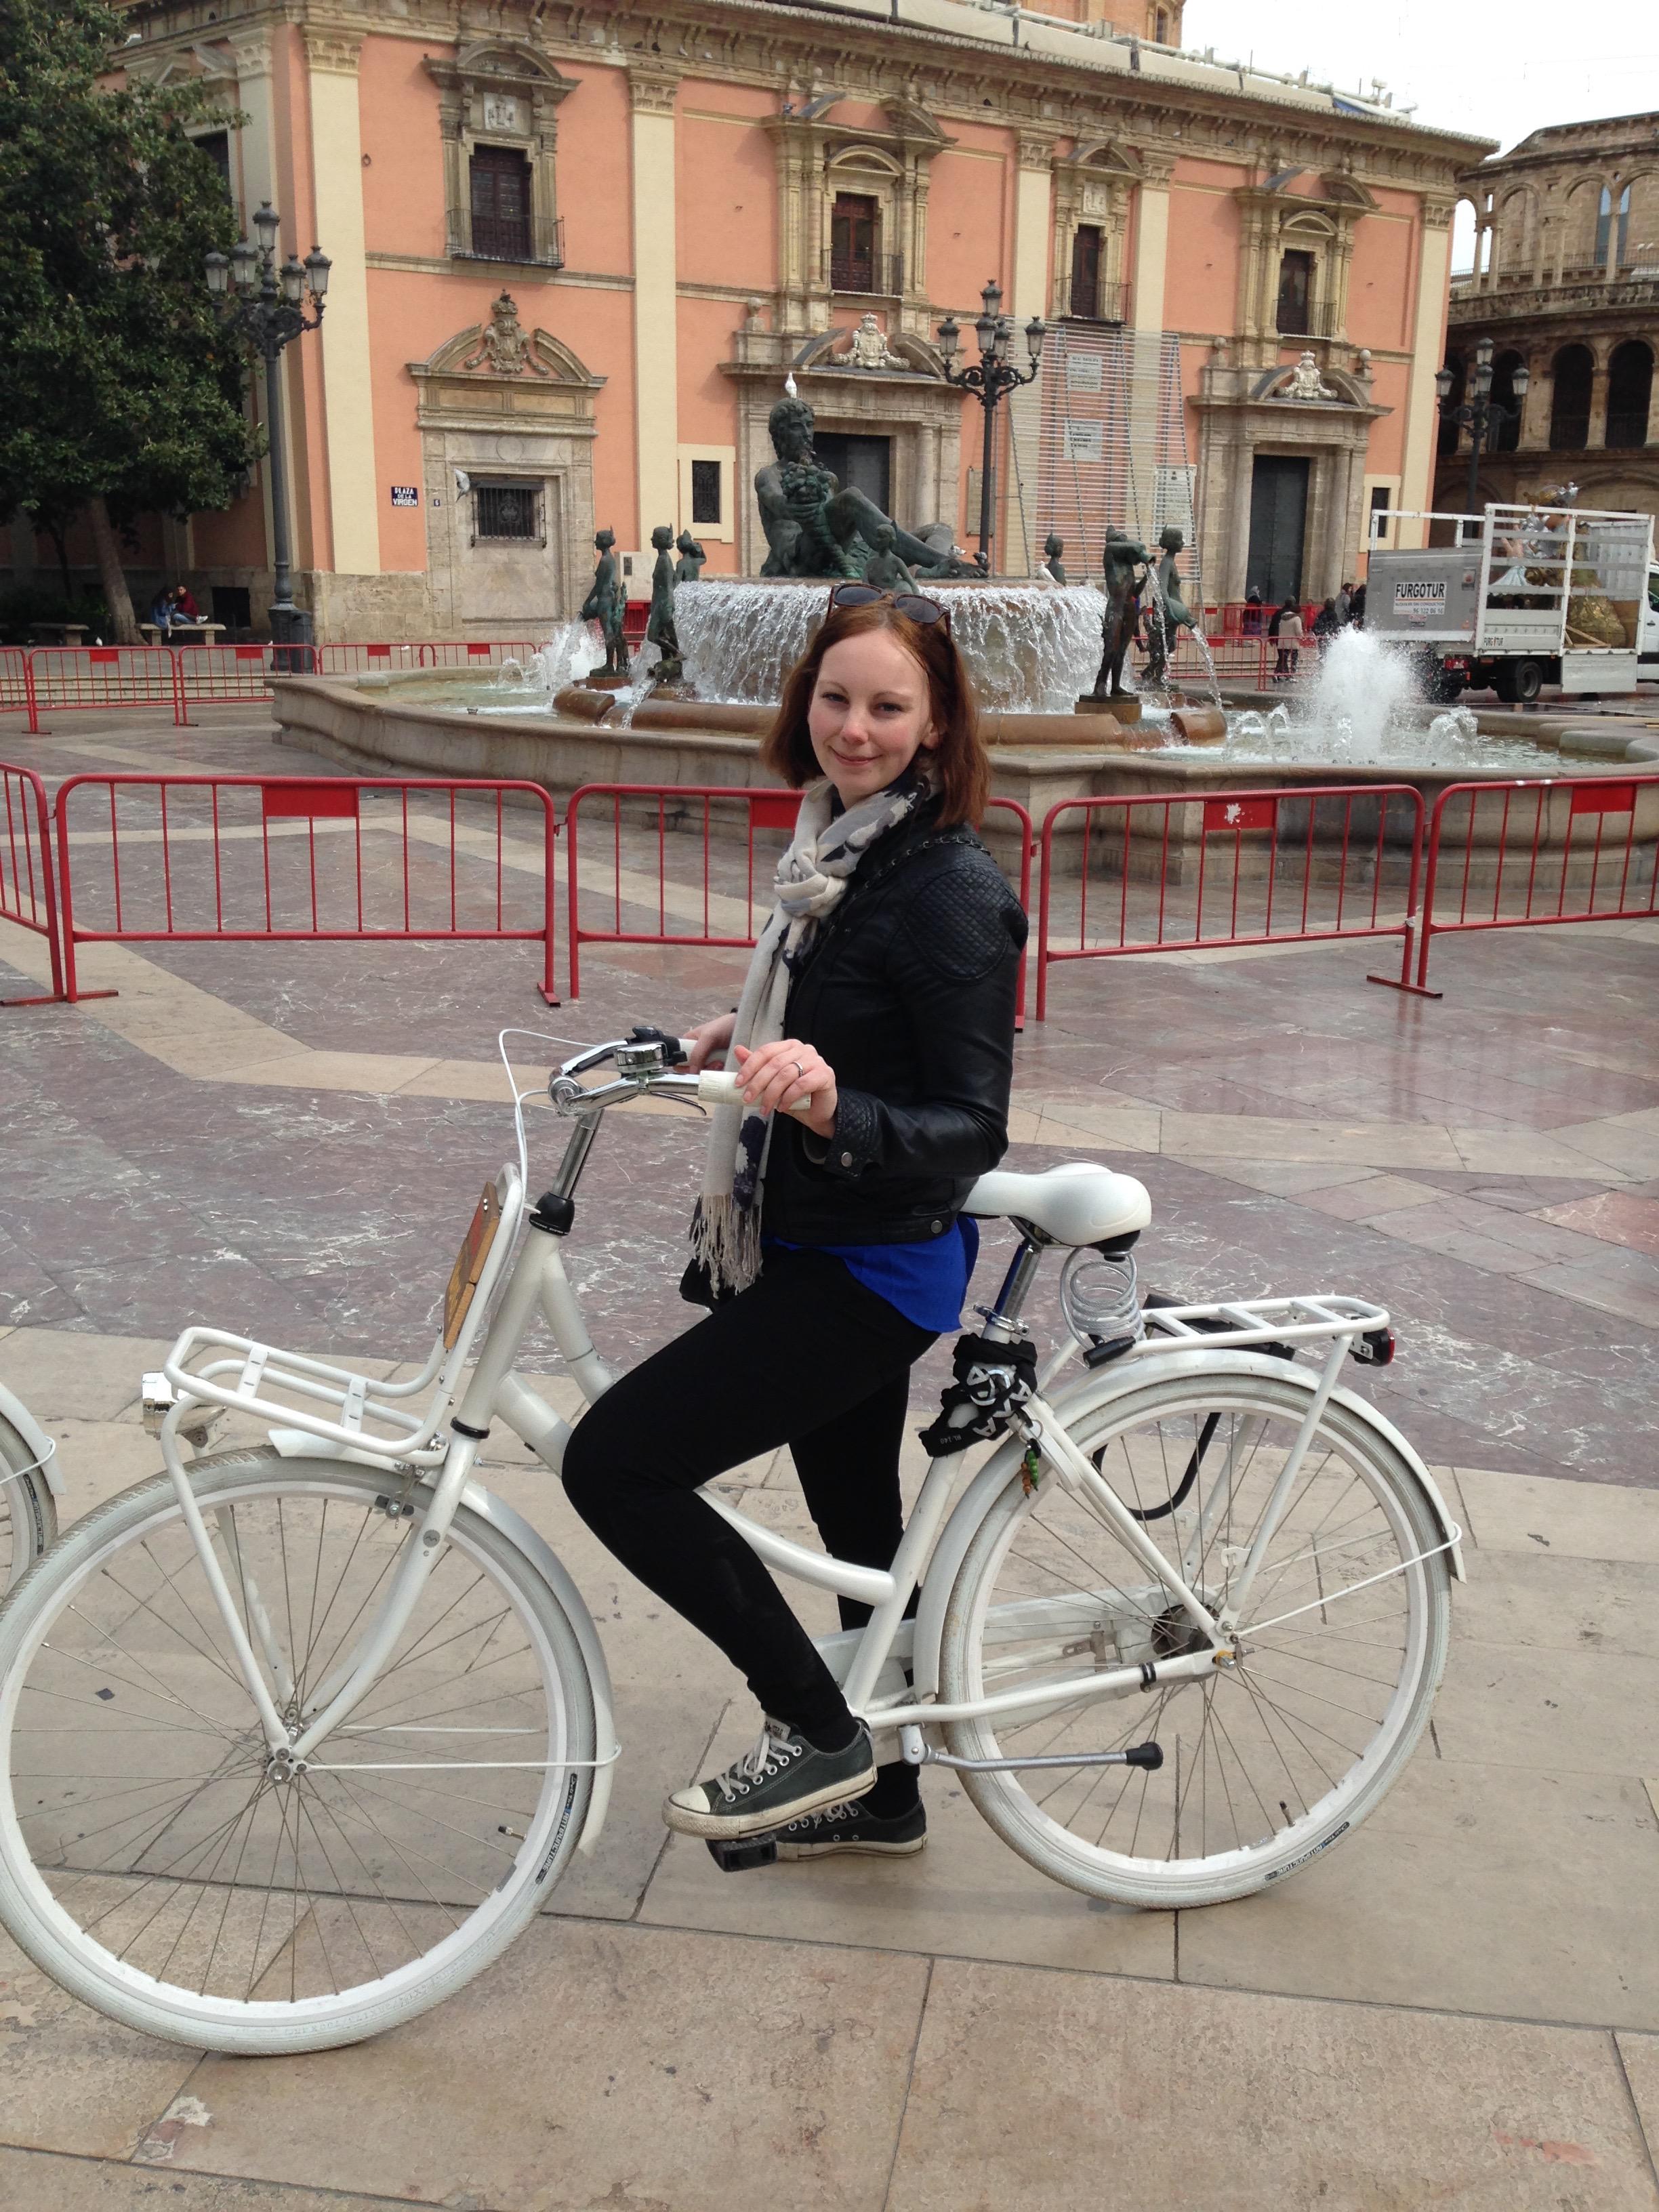 De versierpoging op de fiets die jammerlijk mislukte…